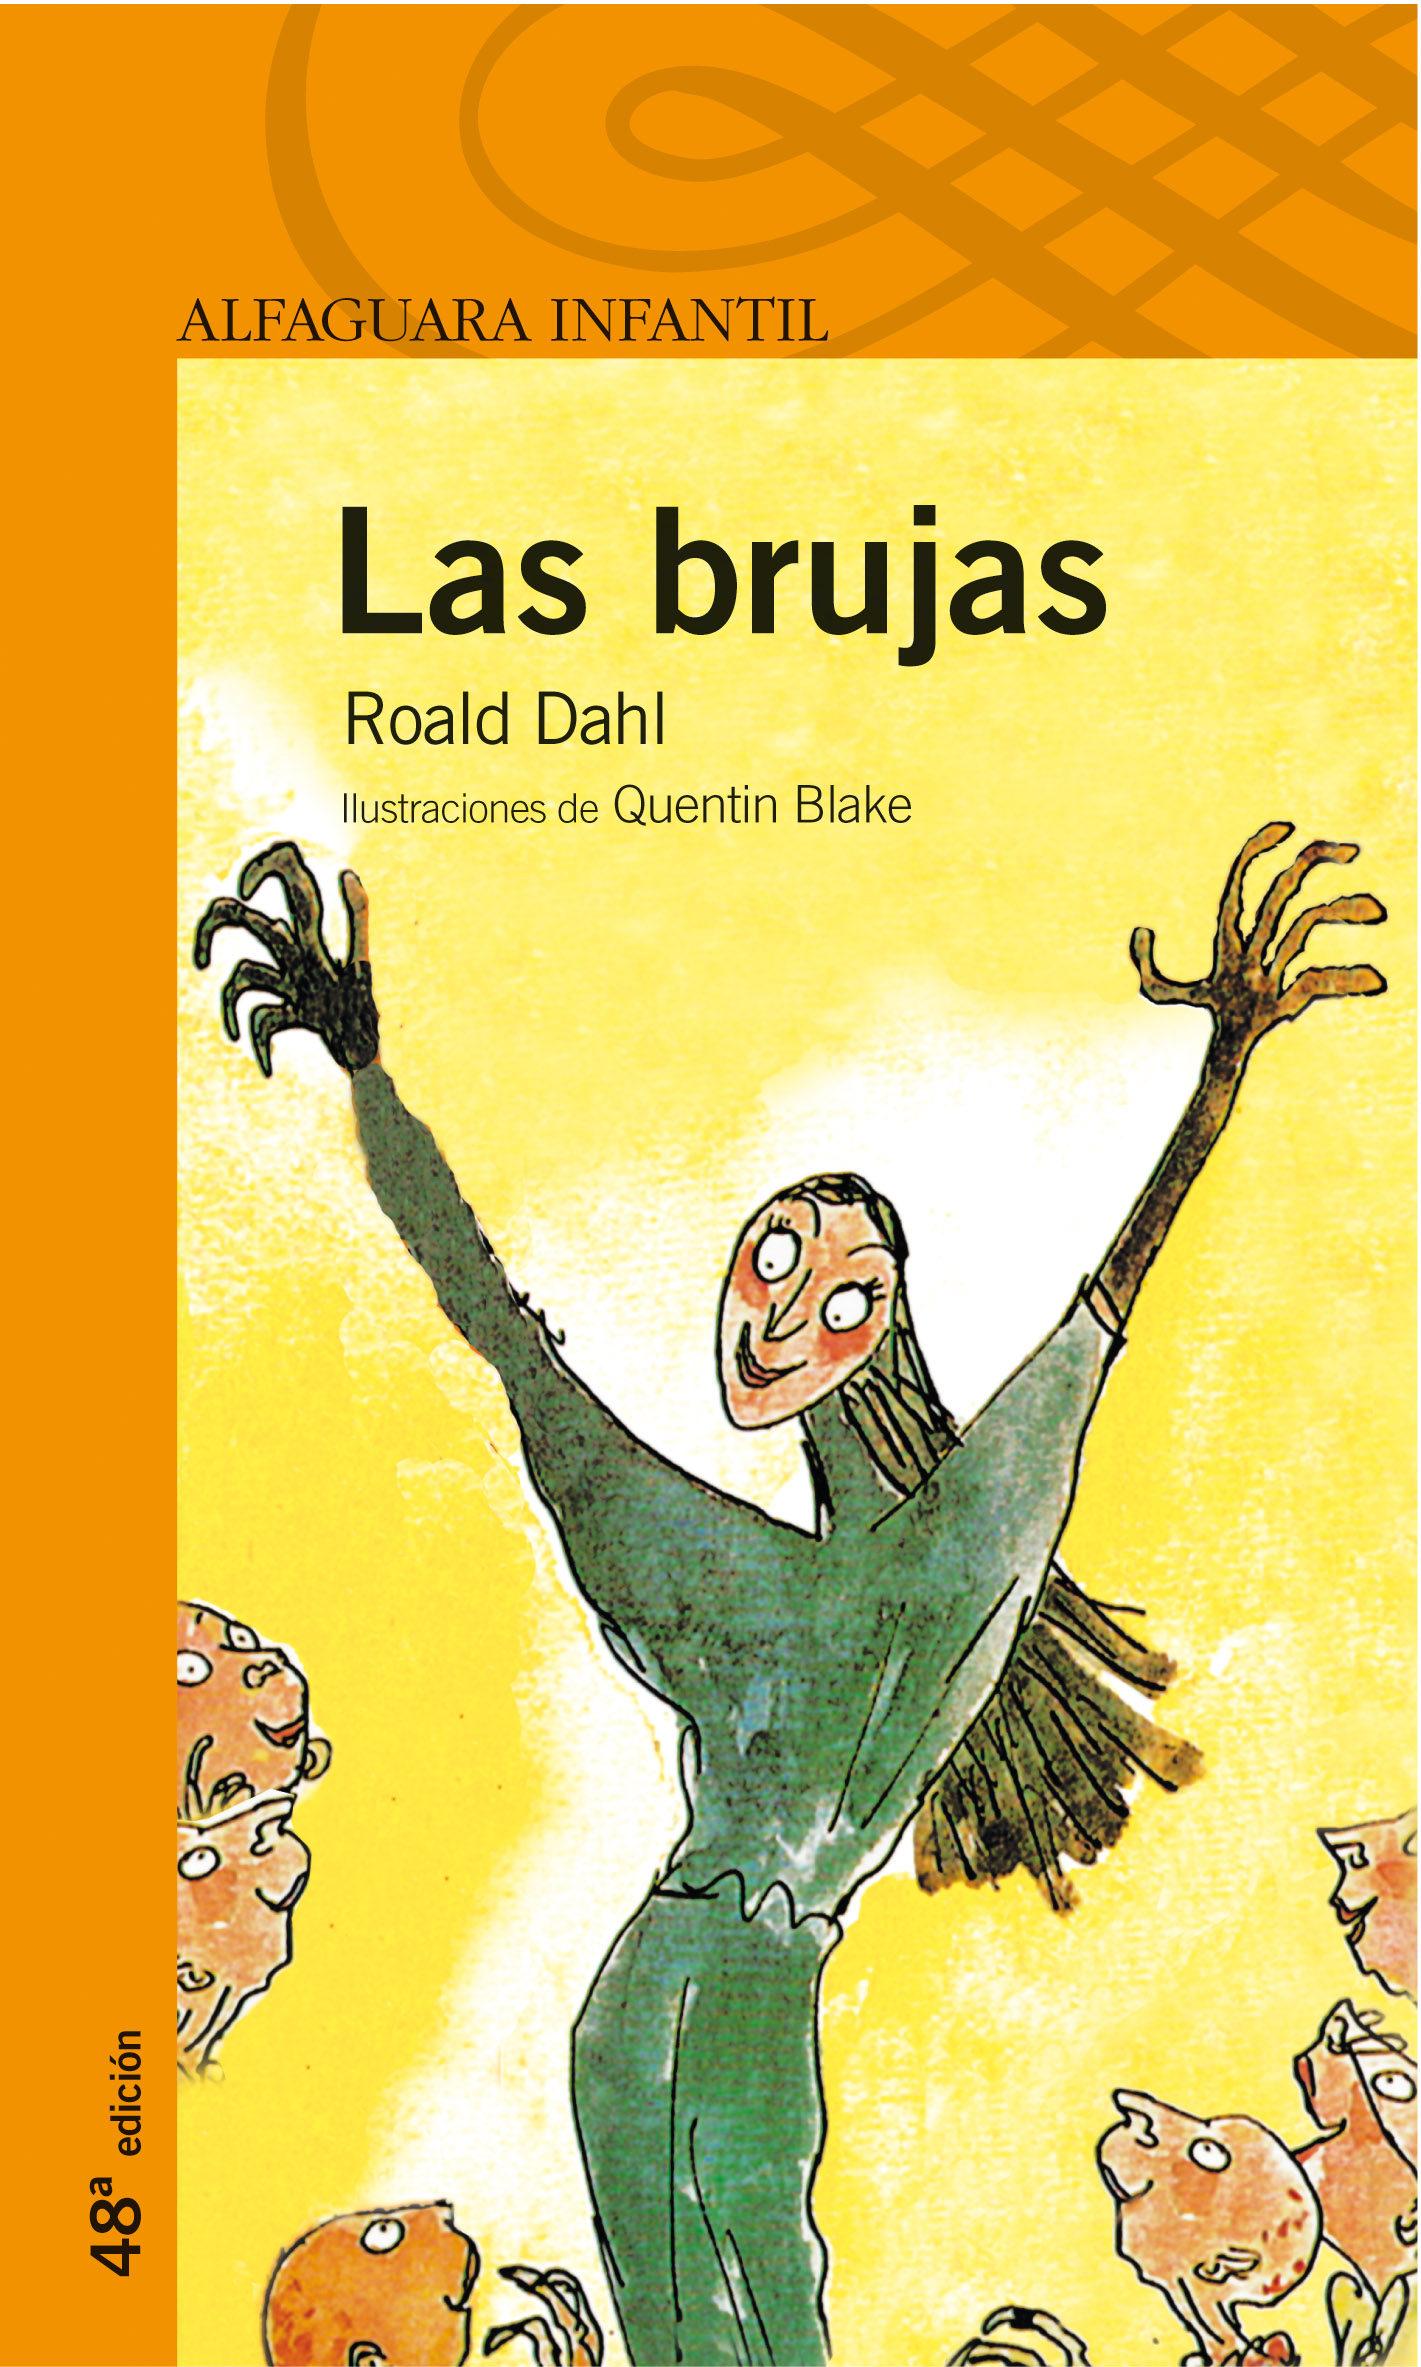 Resultado de imagen para las brujas de roald dahl